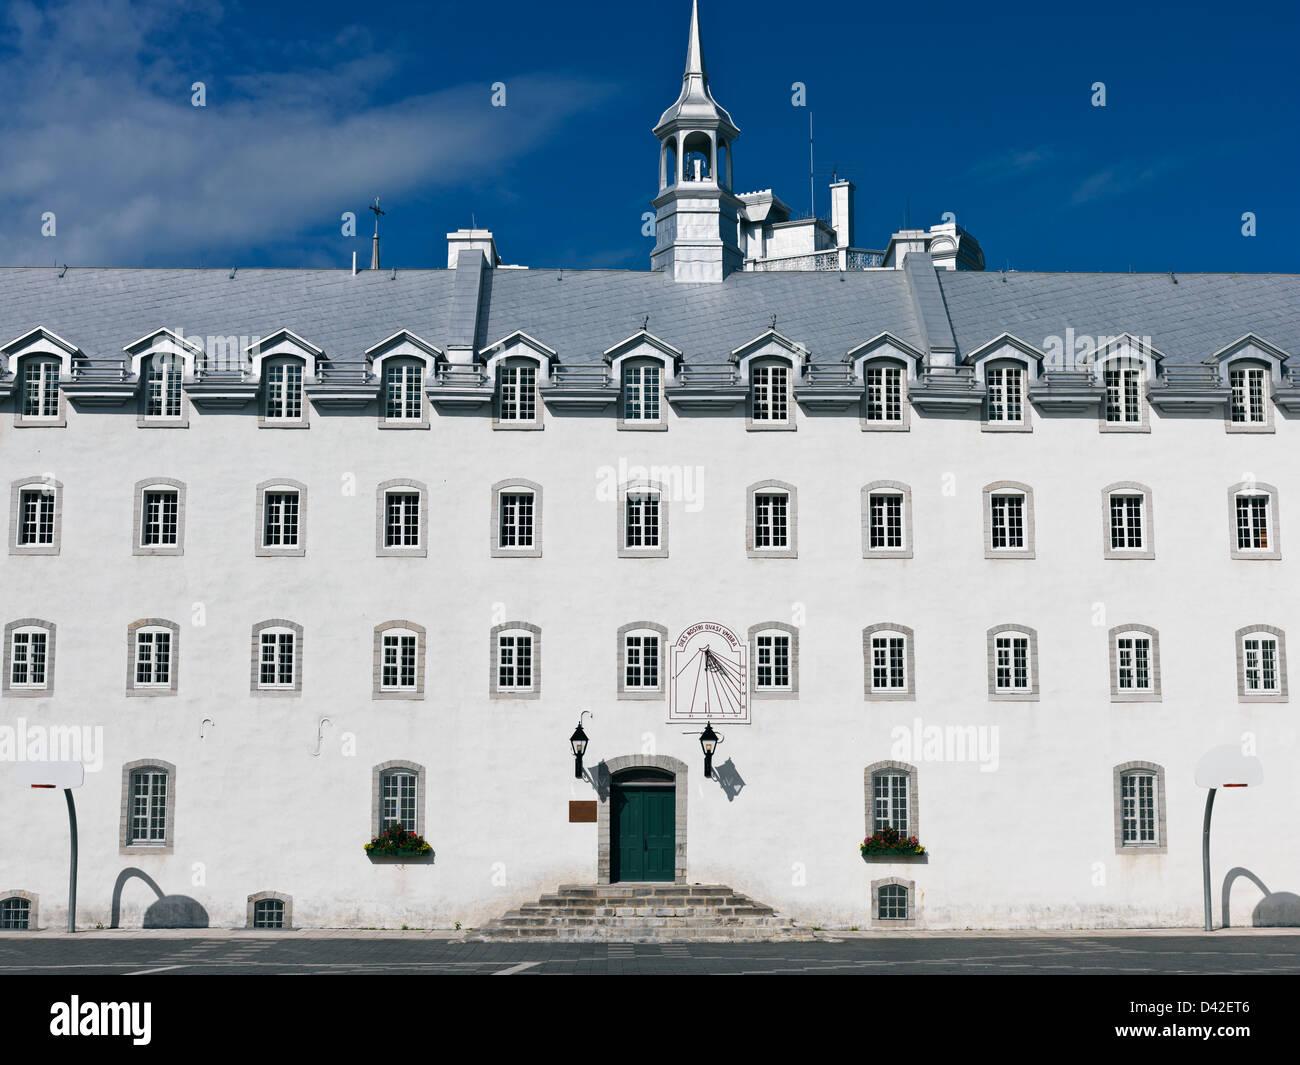 Canadá, Quebec, la ciudad de Quebec, Laval University Escuela de Arquitectura. Imagen De Stock